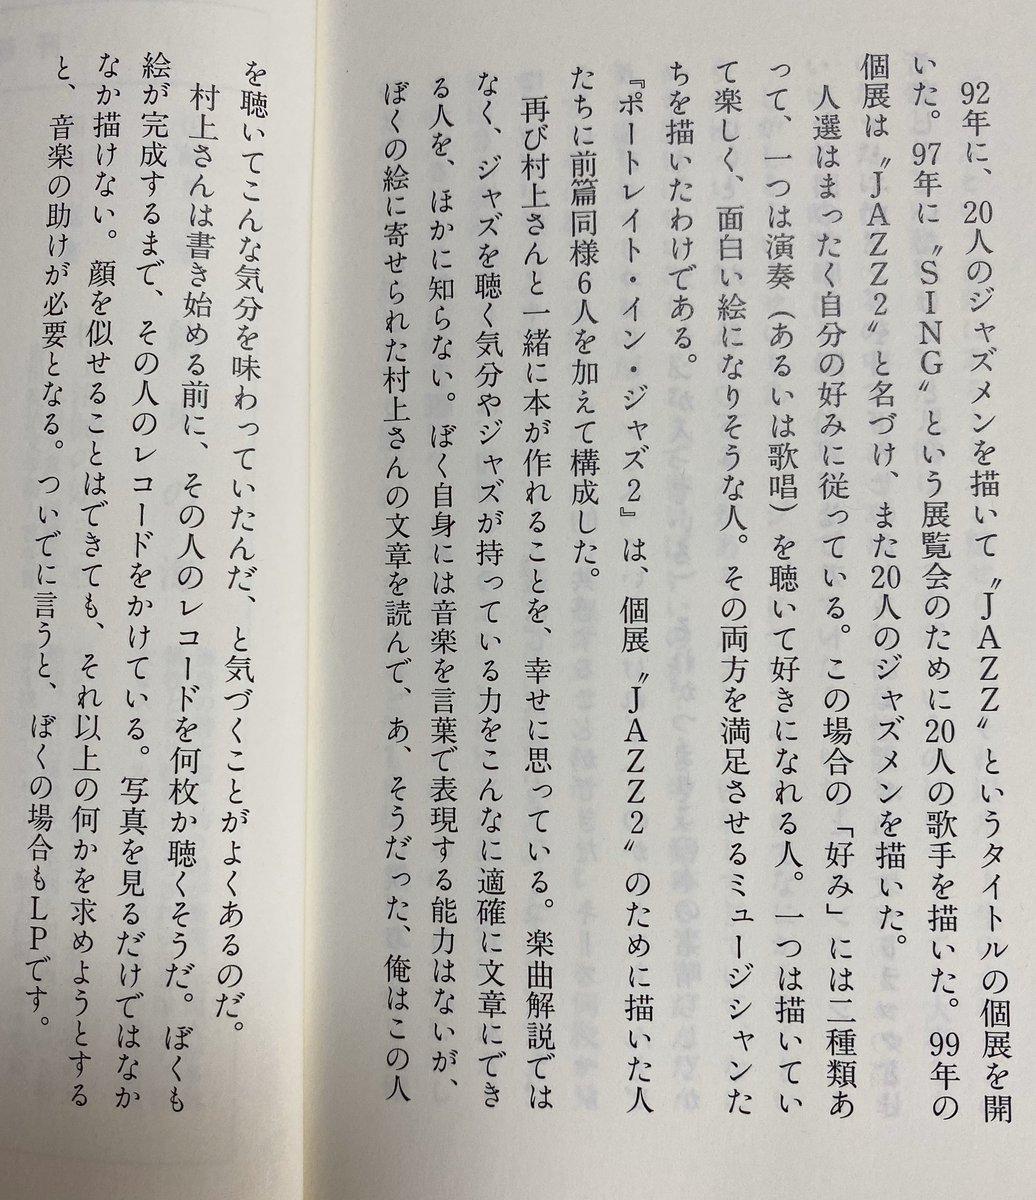 村上春樹 X 和田誠